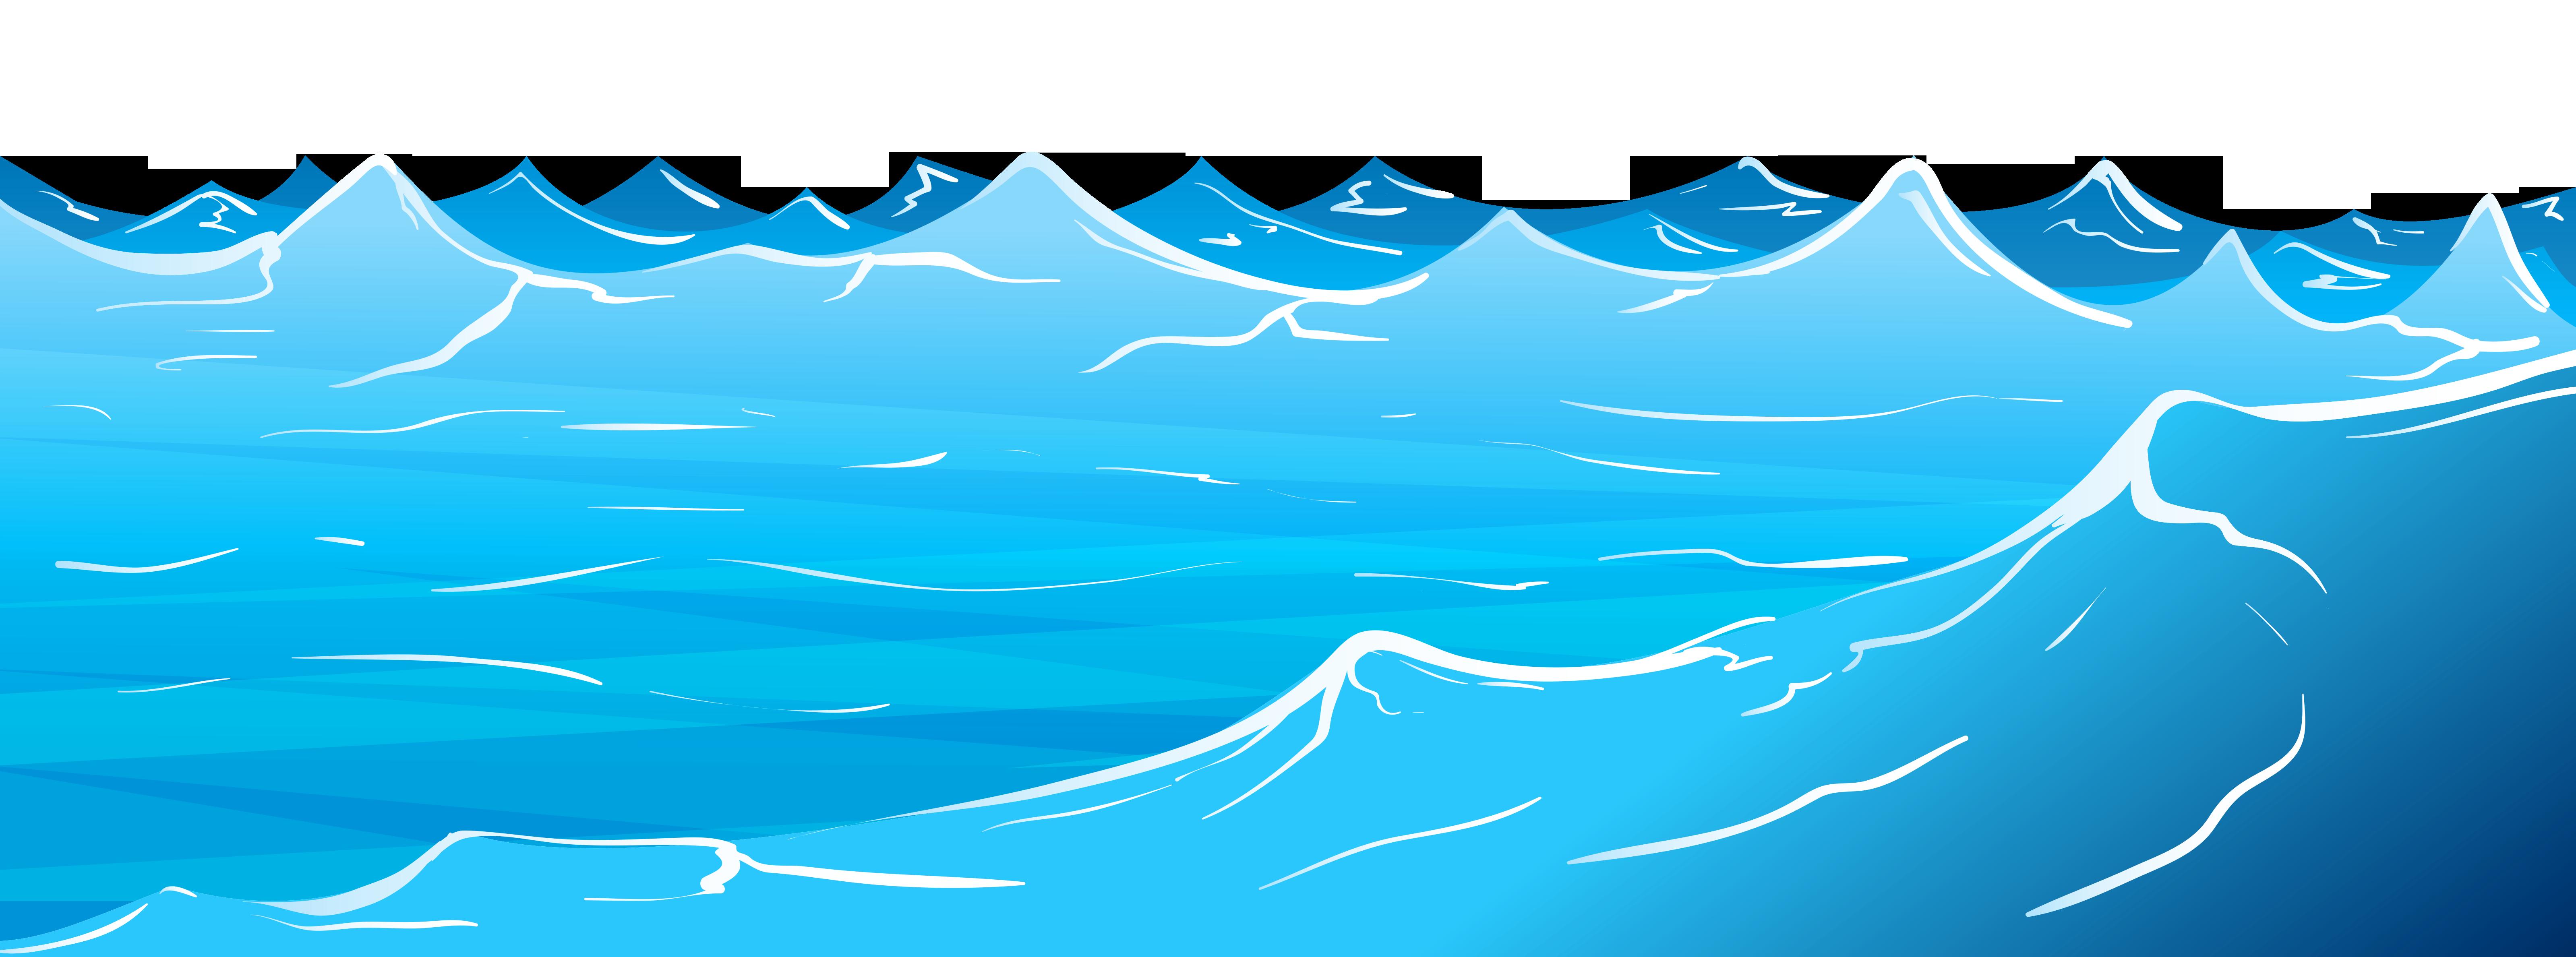 What ocean water.